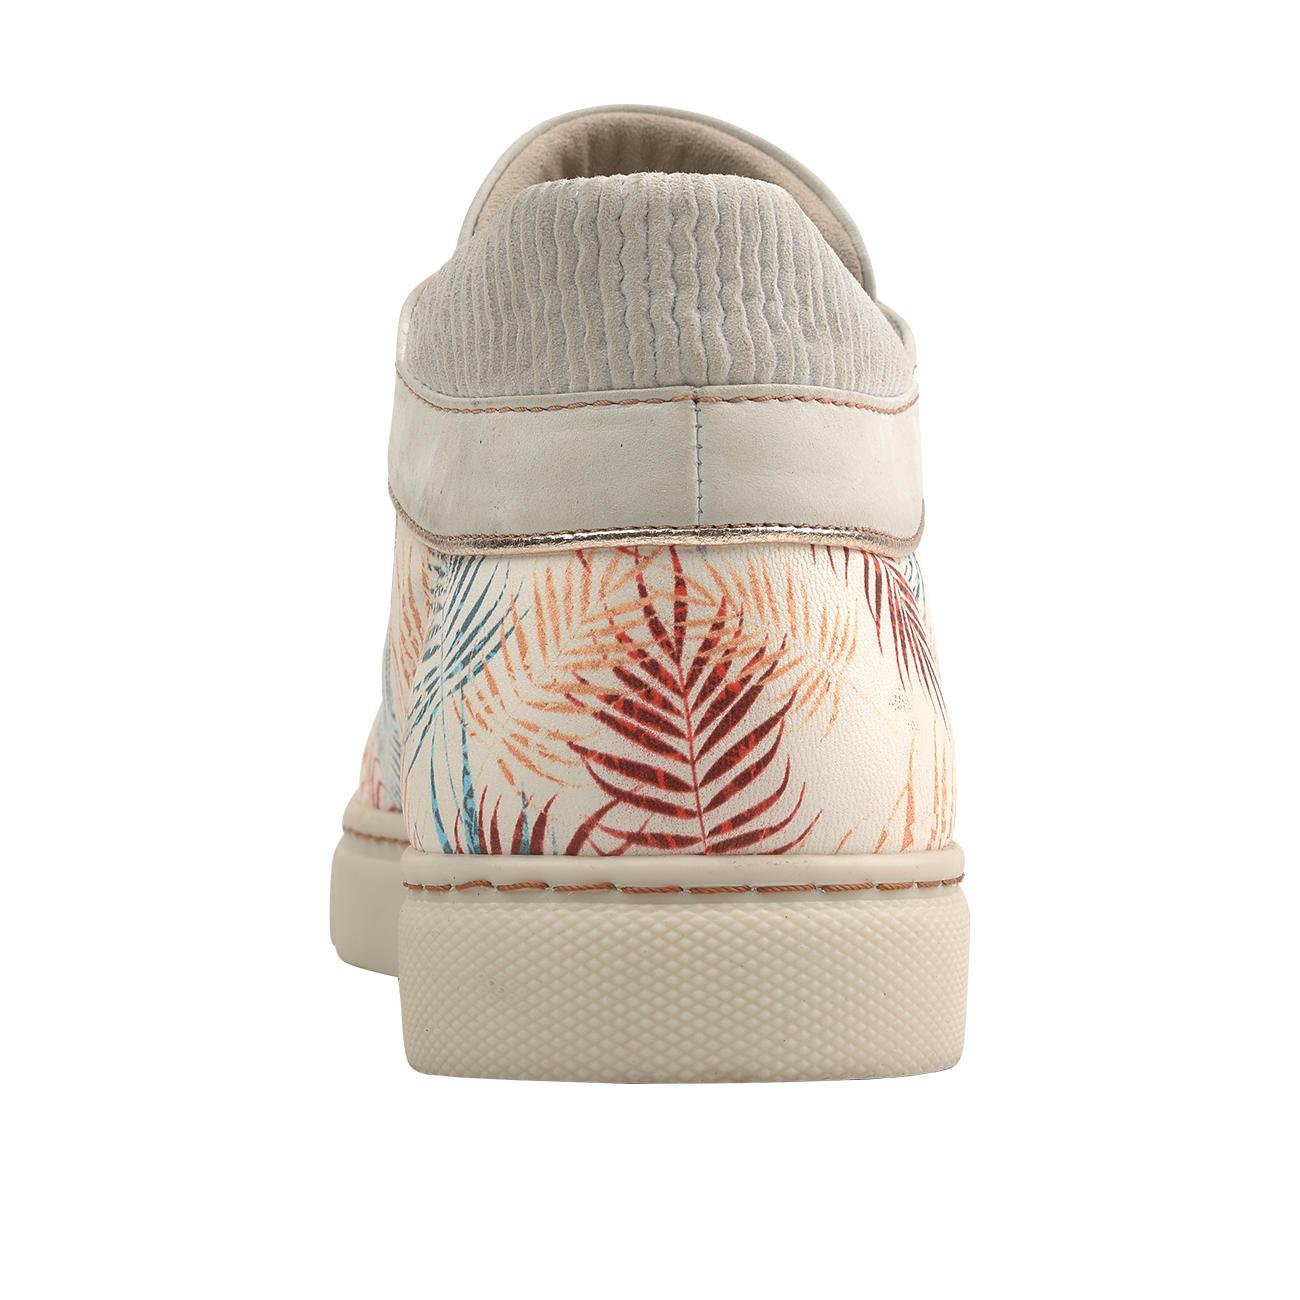 Chaaya leren sneakers met palmprint entdecken